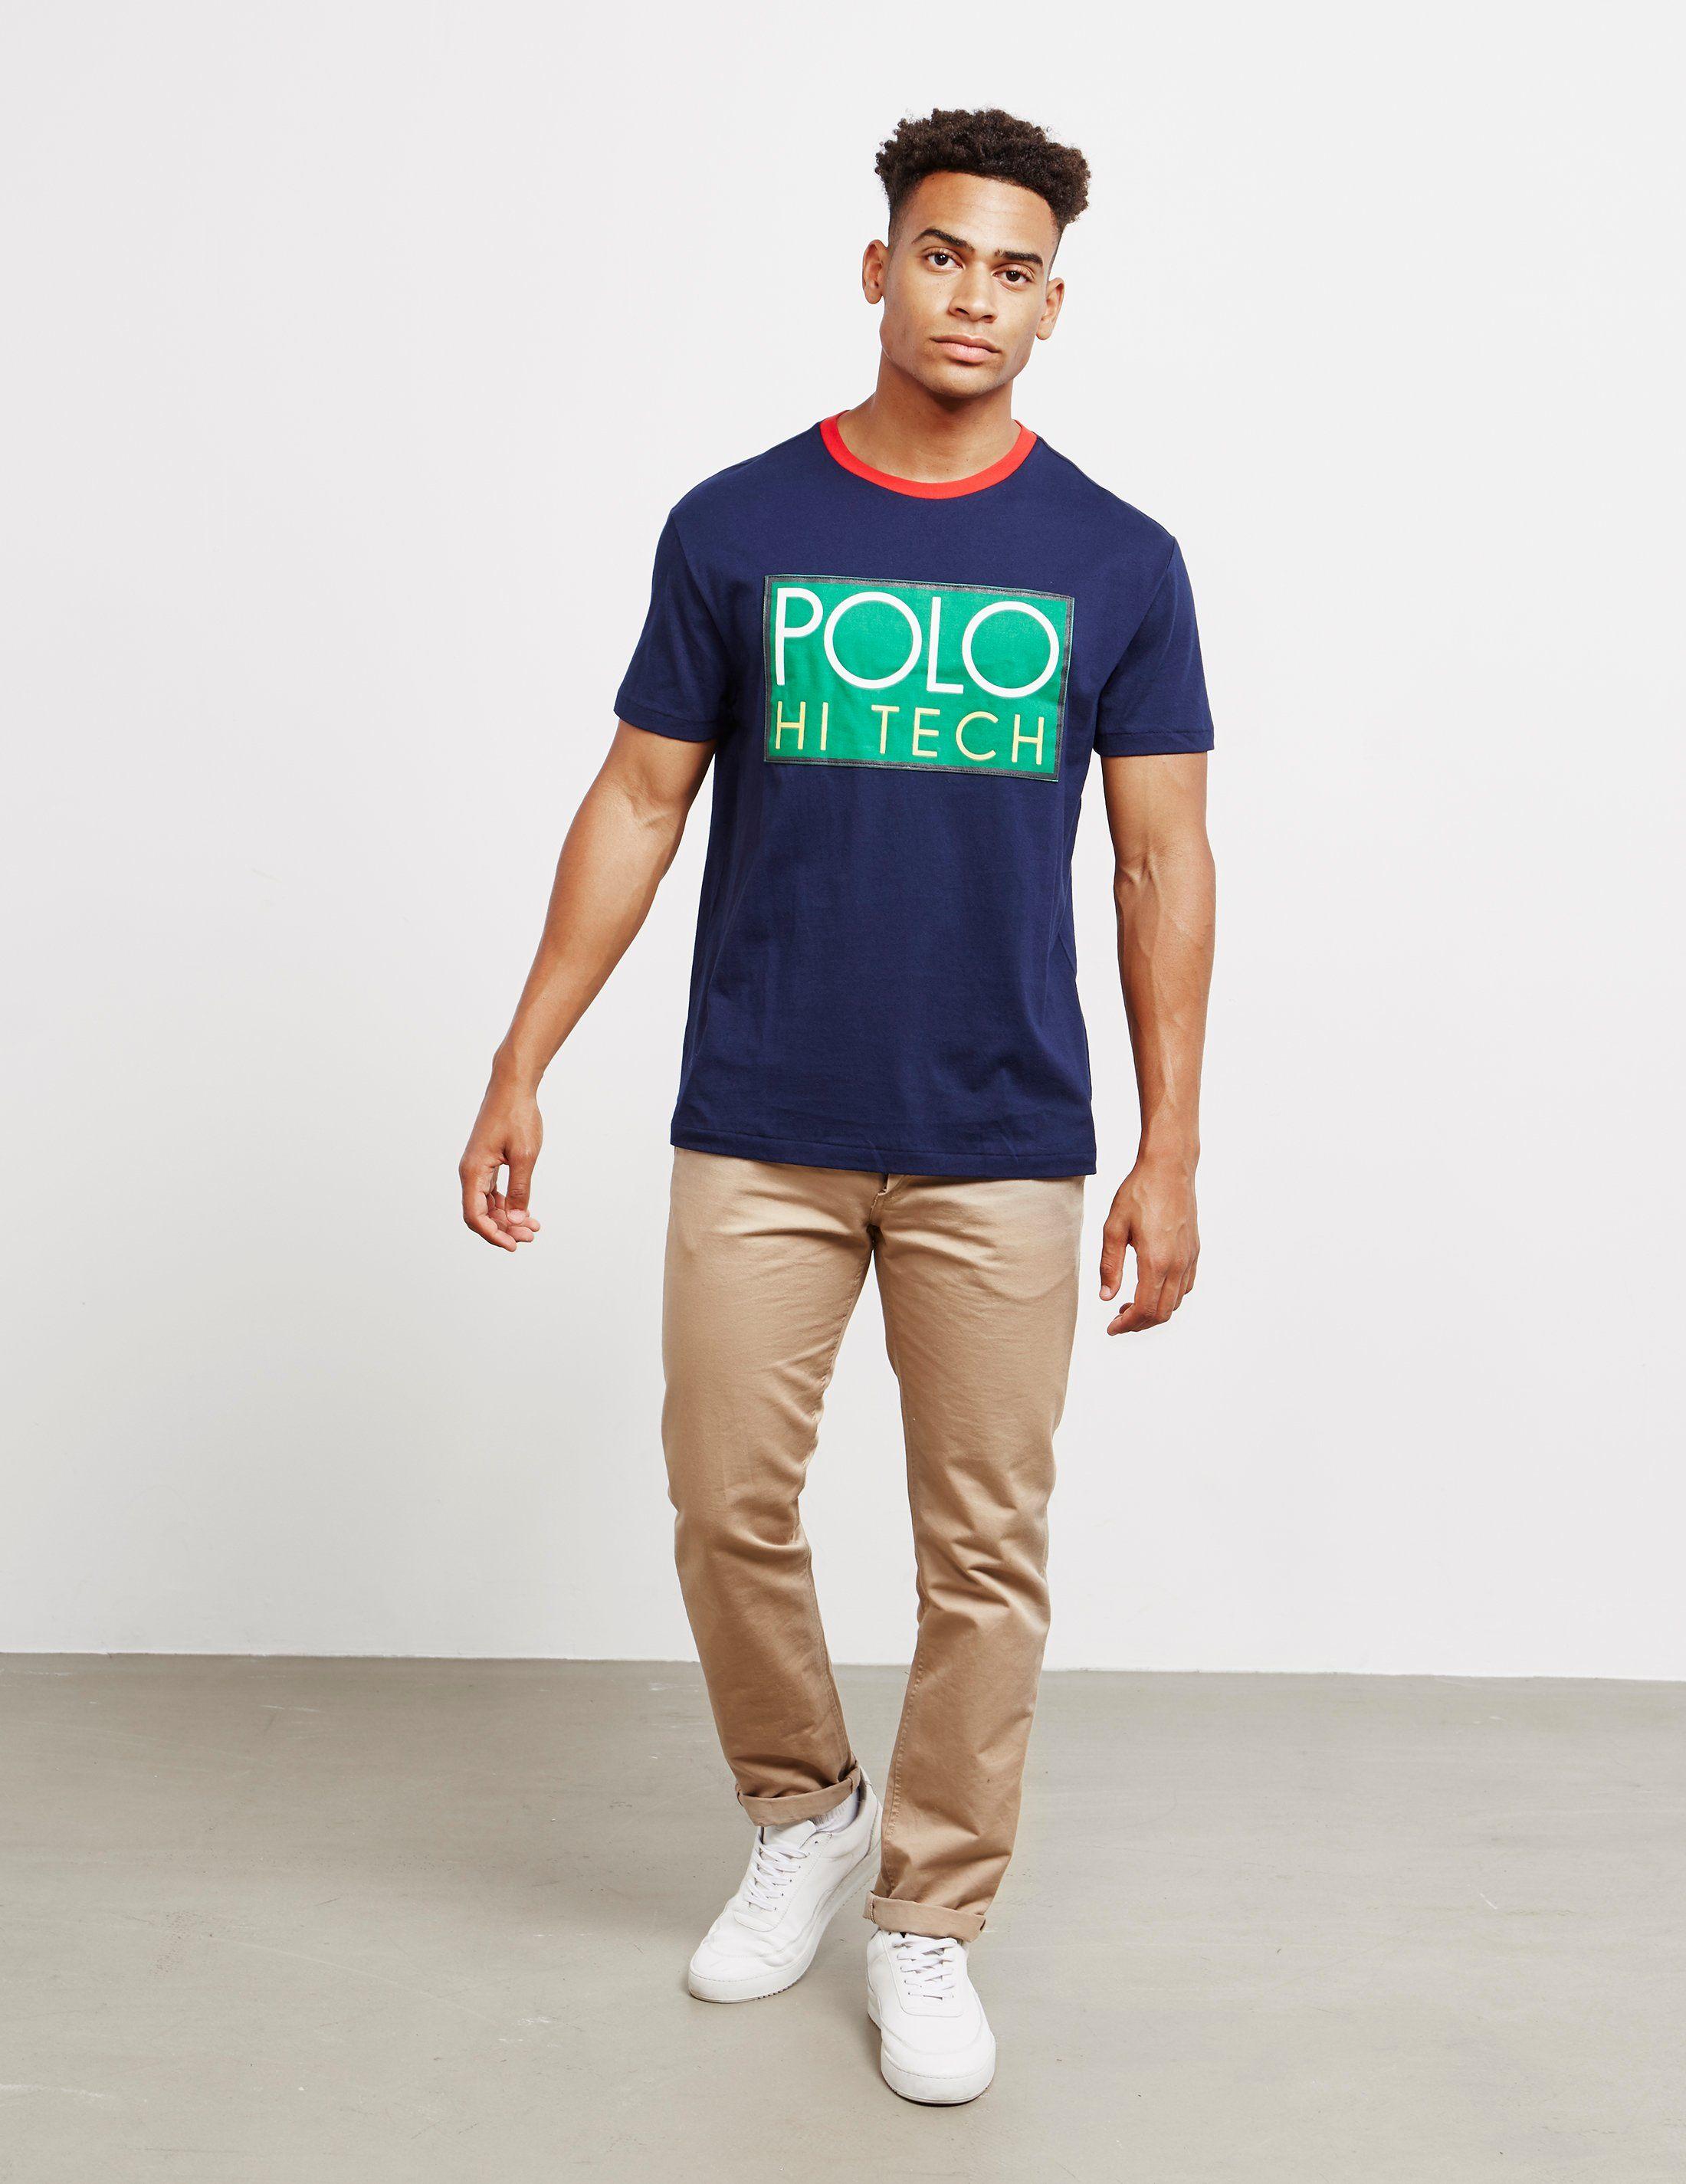 Polo Ralph Lauren Hi Tech Short Sleeve T-Shirt